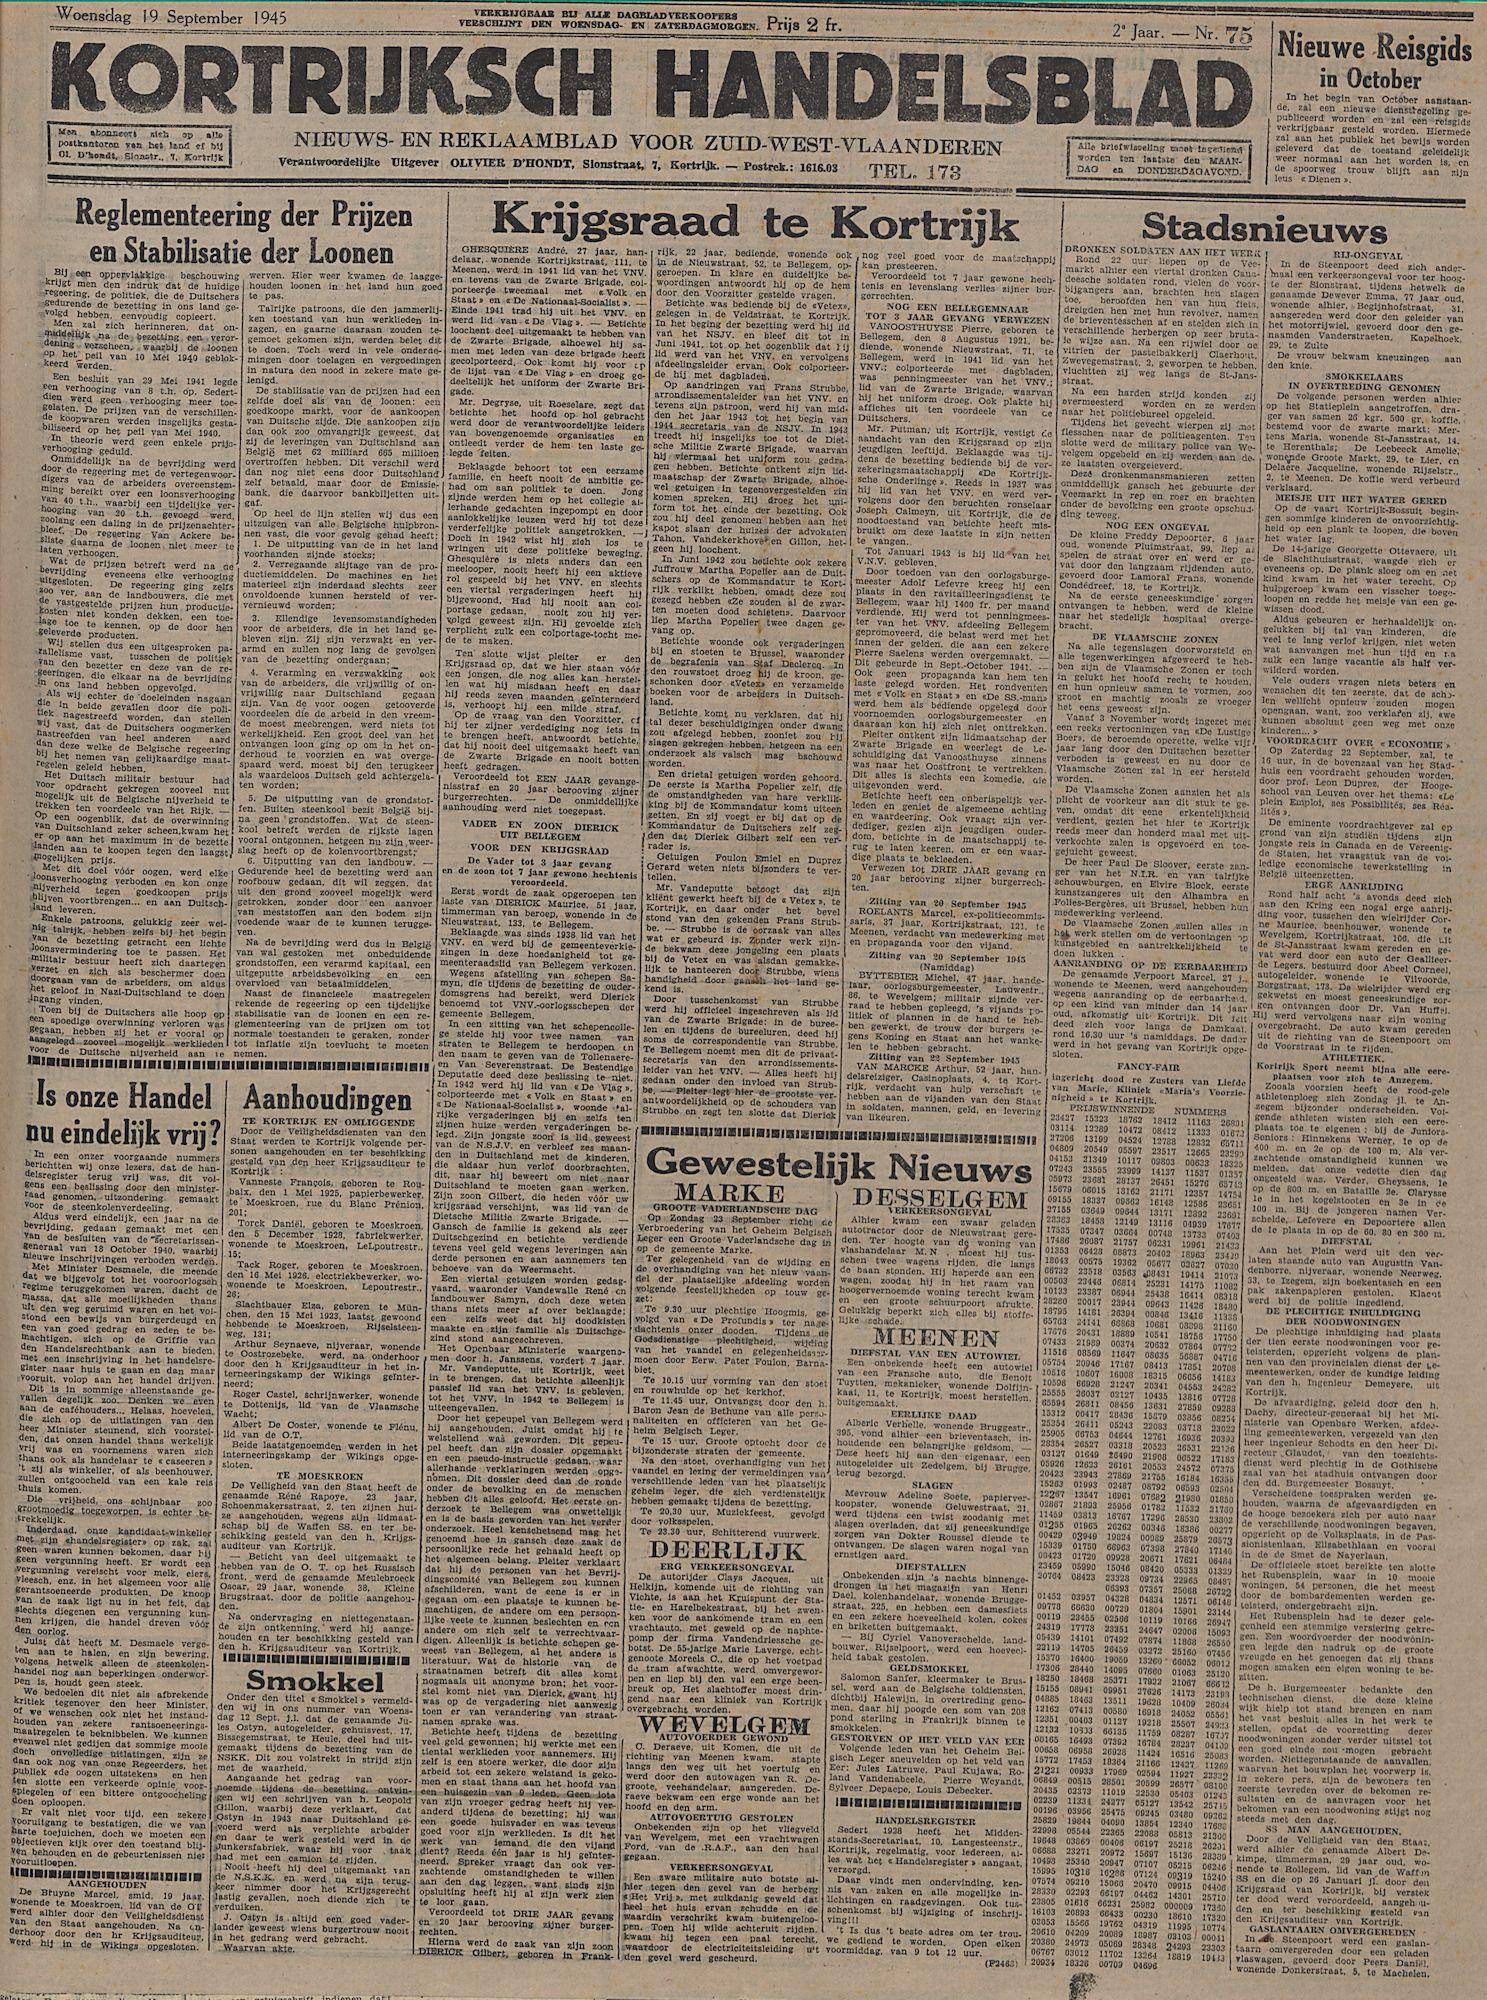 Kortrijksch Handelsblad 19 september 1945 Nr75 p1